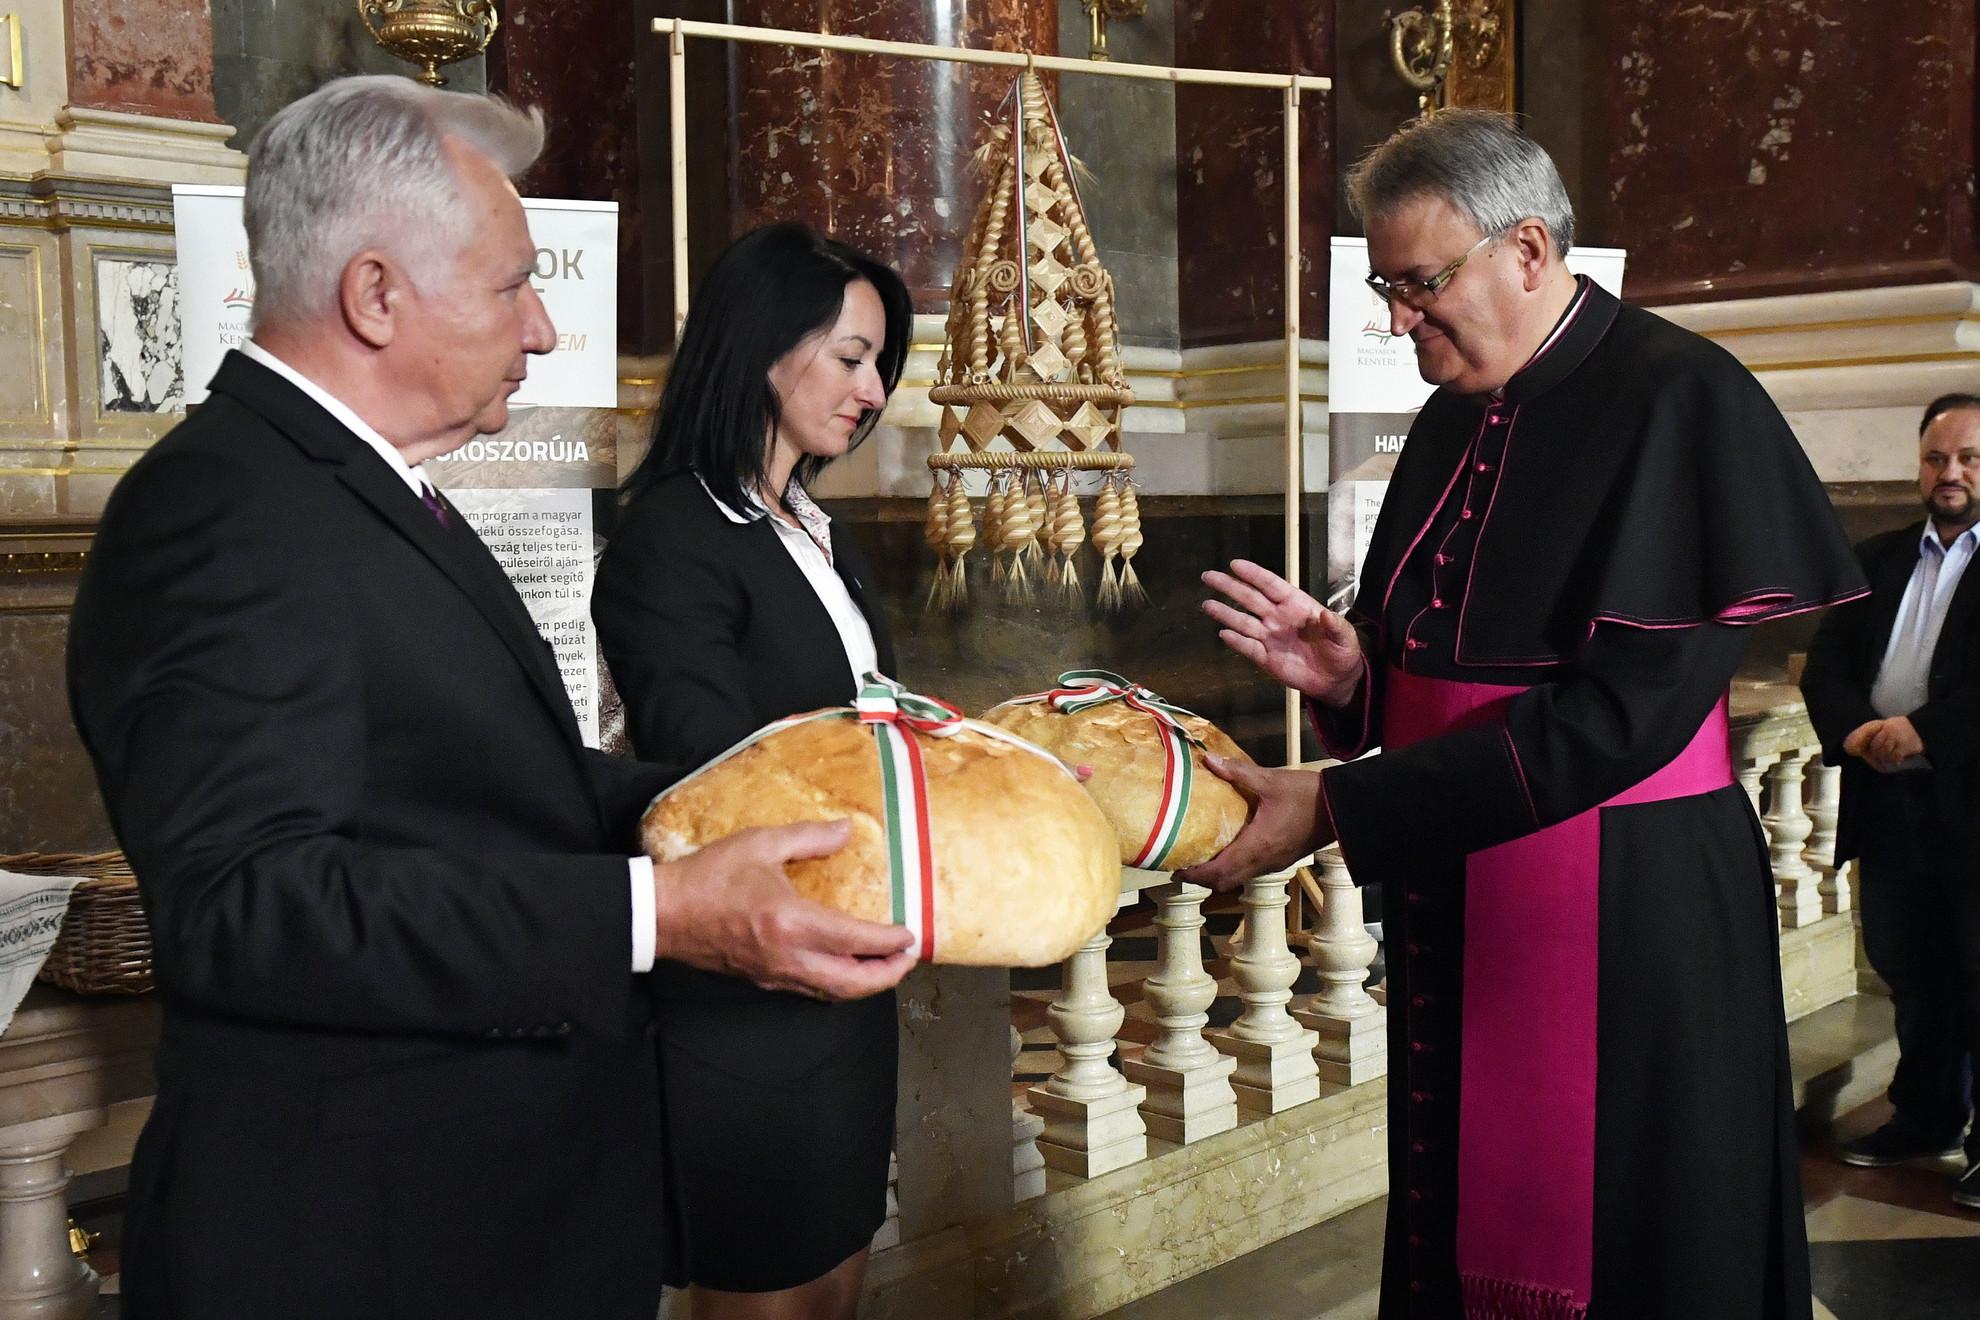 Horváth Zoltán plébános megáldja az új kenyeret a Magyarok Kenyere - 15 millió búzaszem program keretében elkészült, a magyarság összetartozását és a gazdaösszefogást szimbolizáló Kárpát-medence Aratókoszorúja átadásán a Szent István-bazilikában